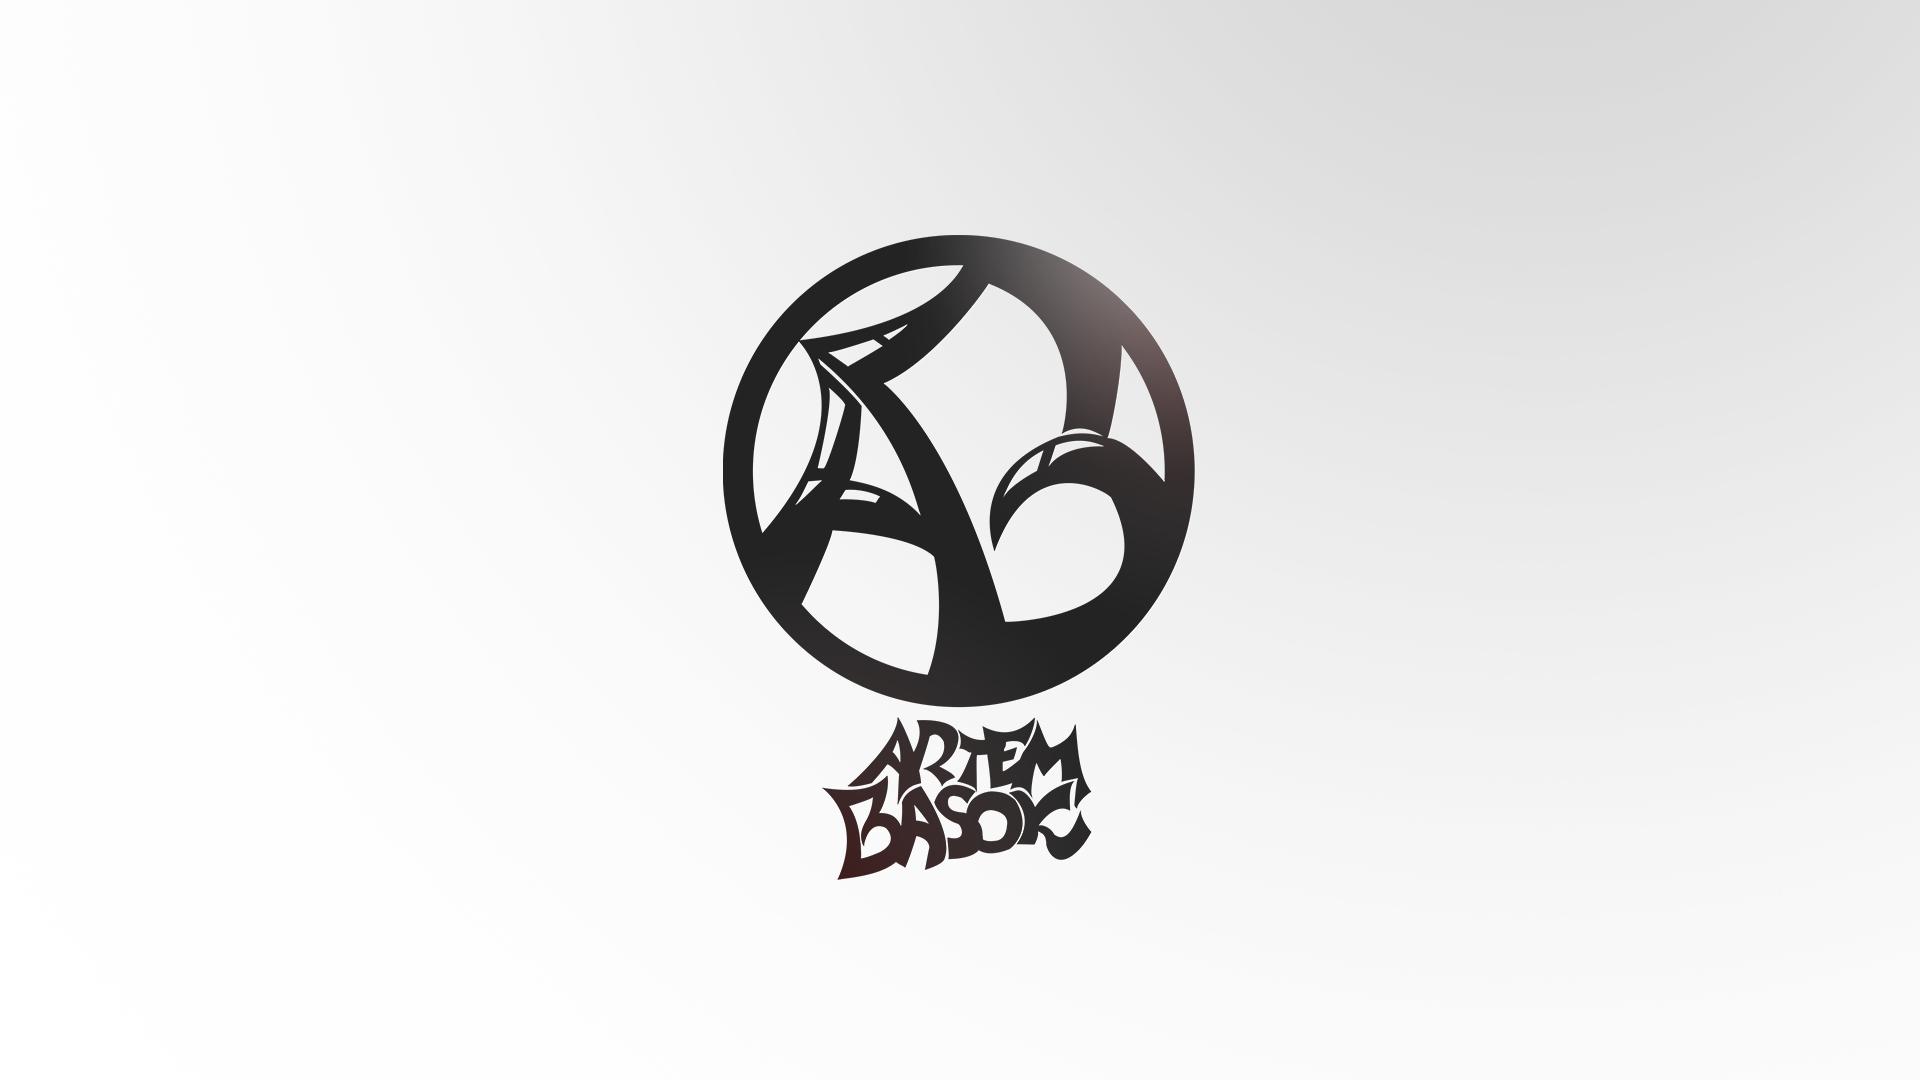 logo logo 标志 设计 矢量 矢量图 素材 图标 1920_1080